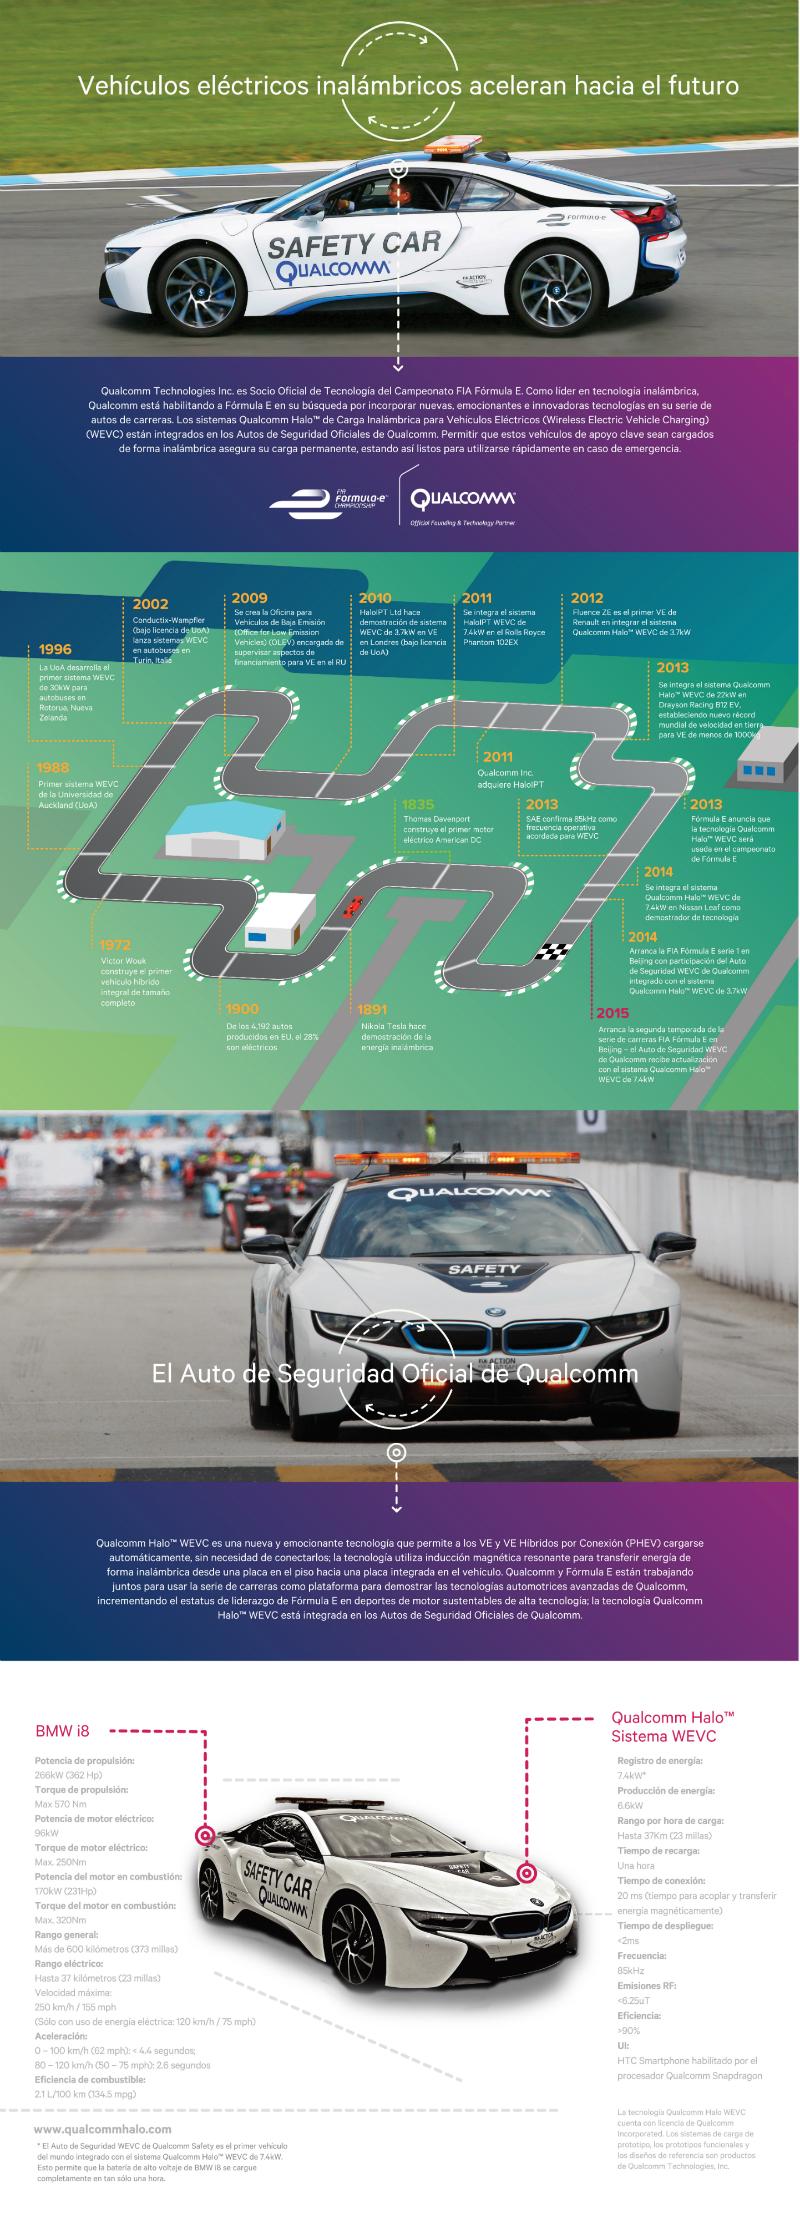 Infografía Safety Car - hr